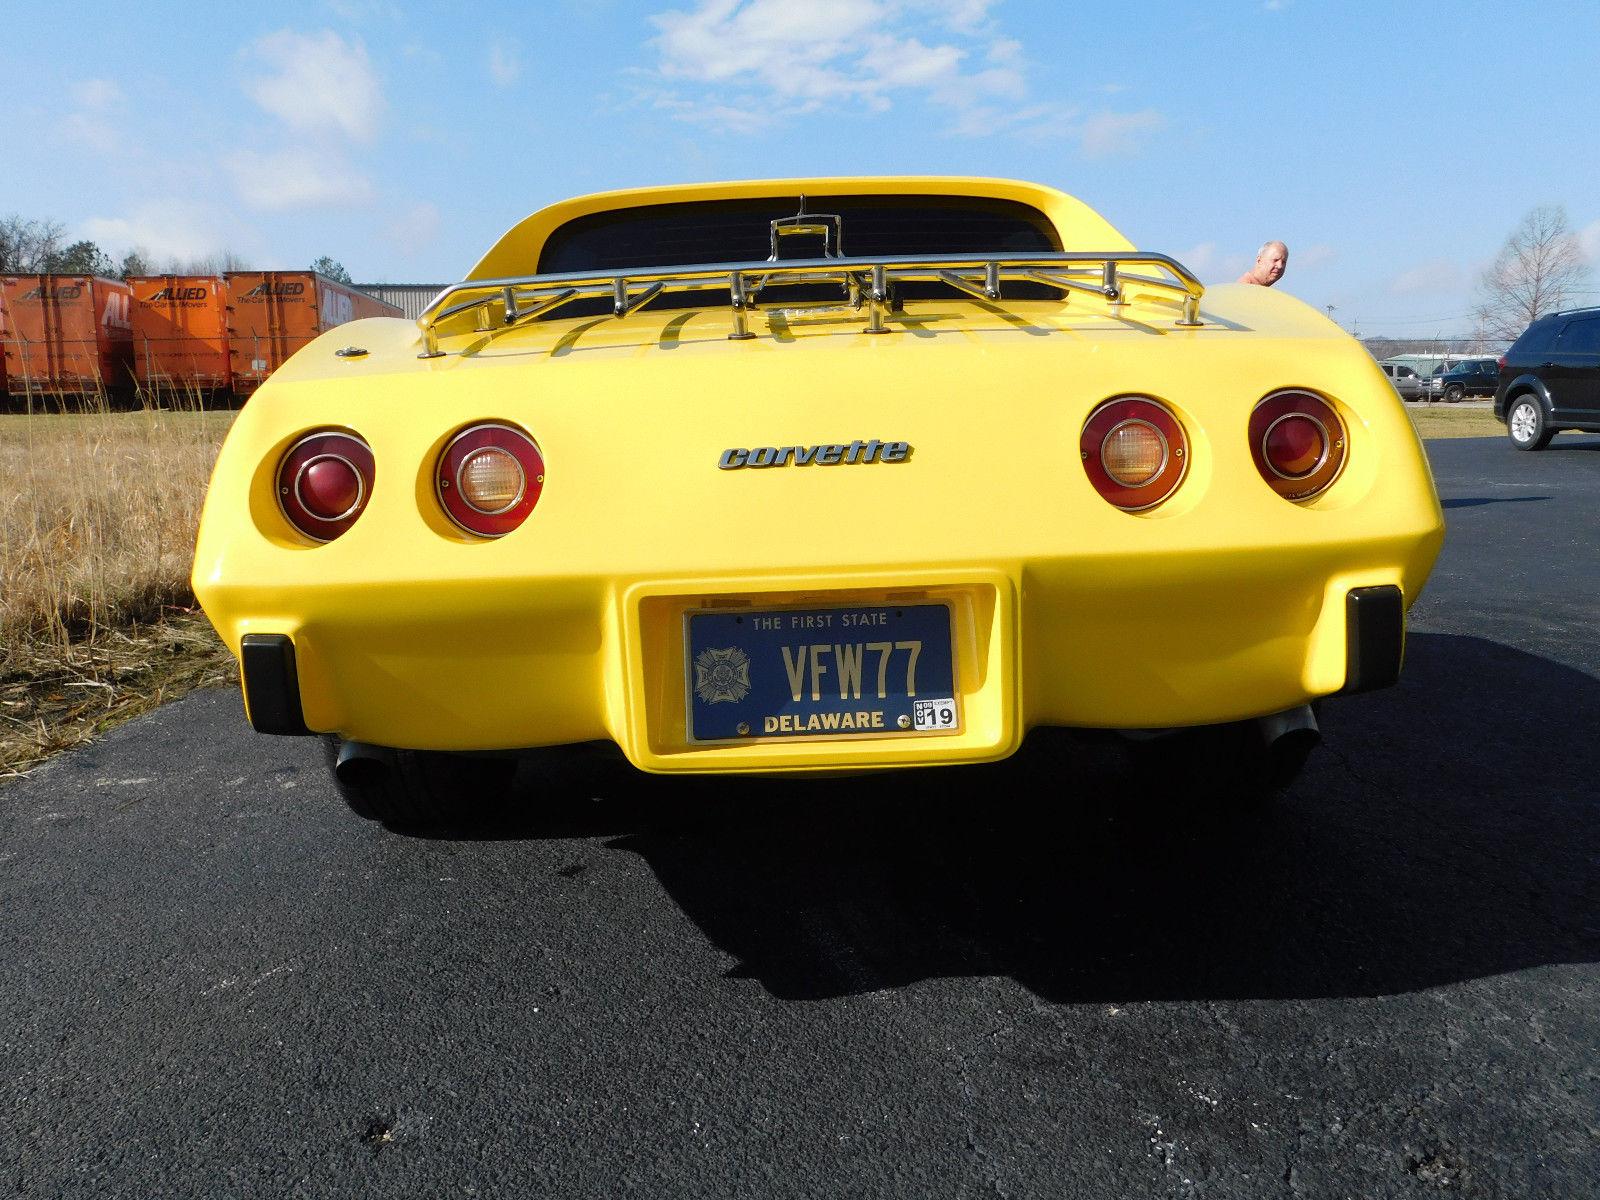 1977 Chevrolet Corvette rear